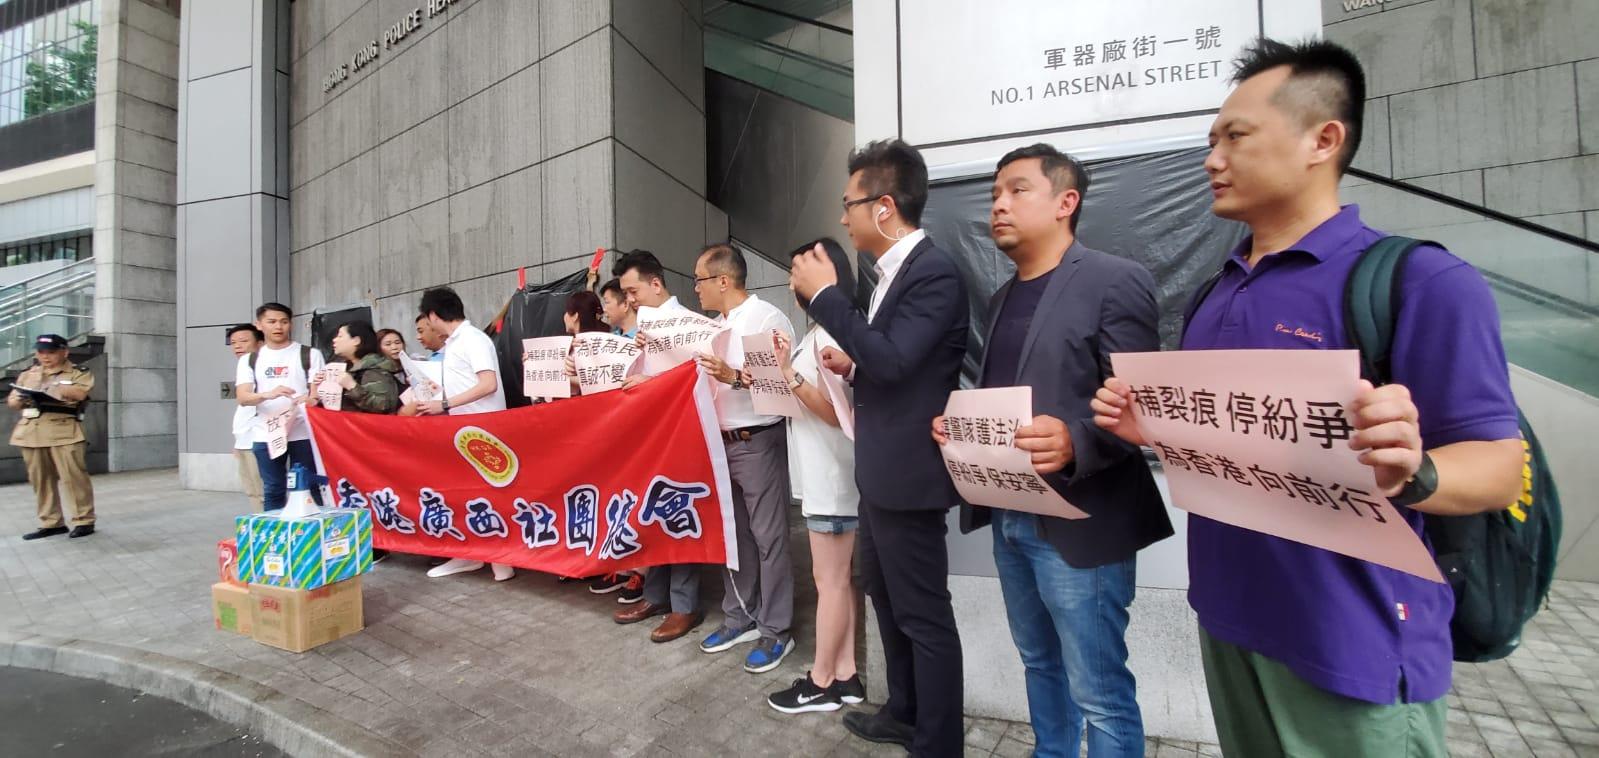 香港廣西社團總會送上物資支持警隊執法